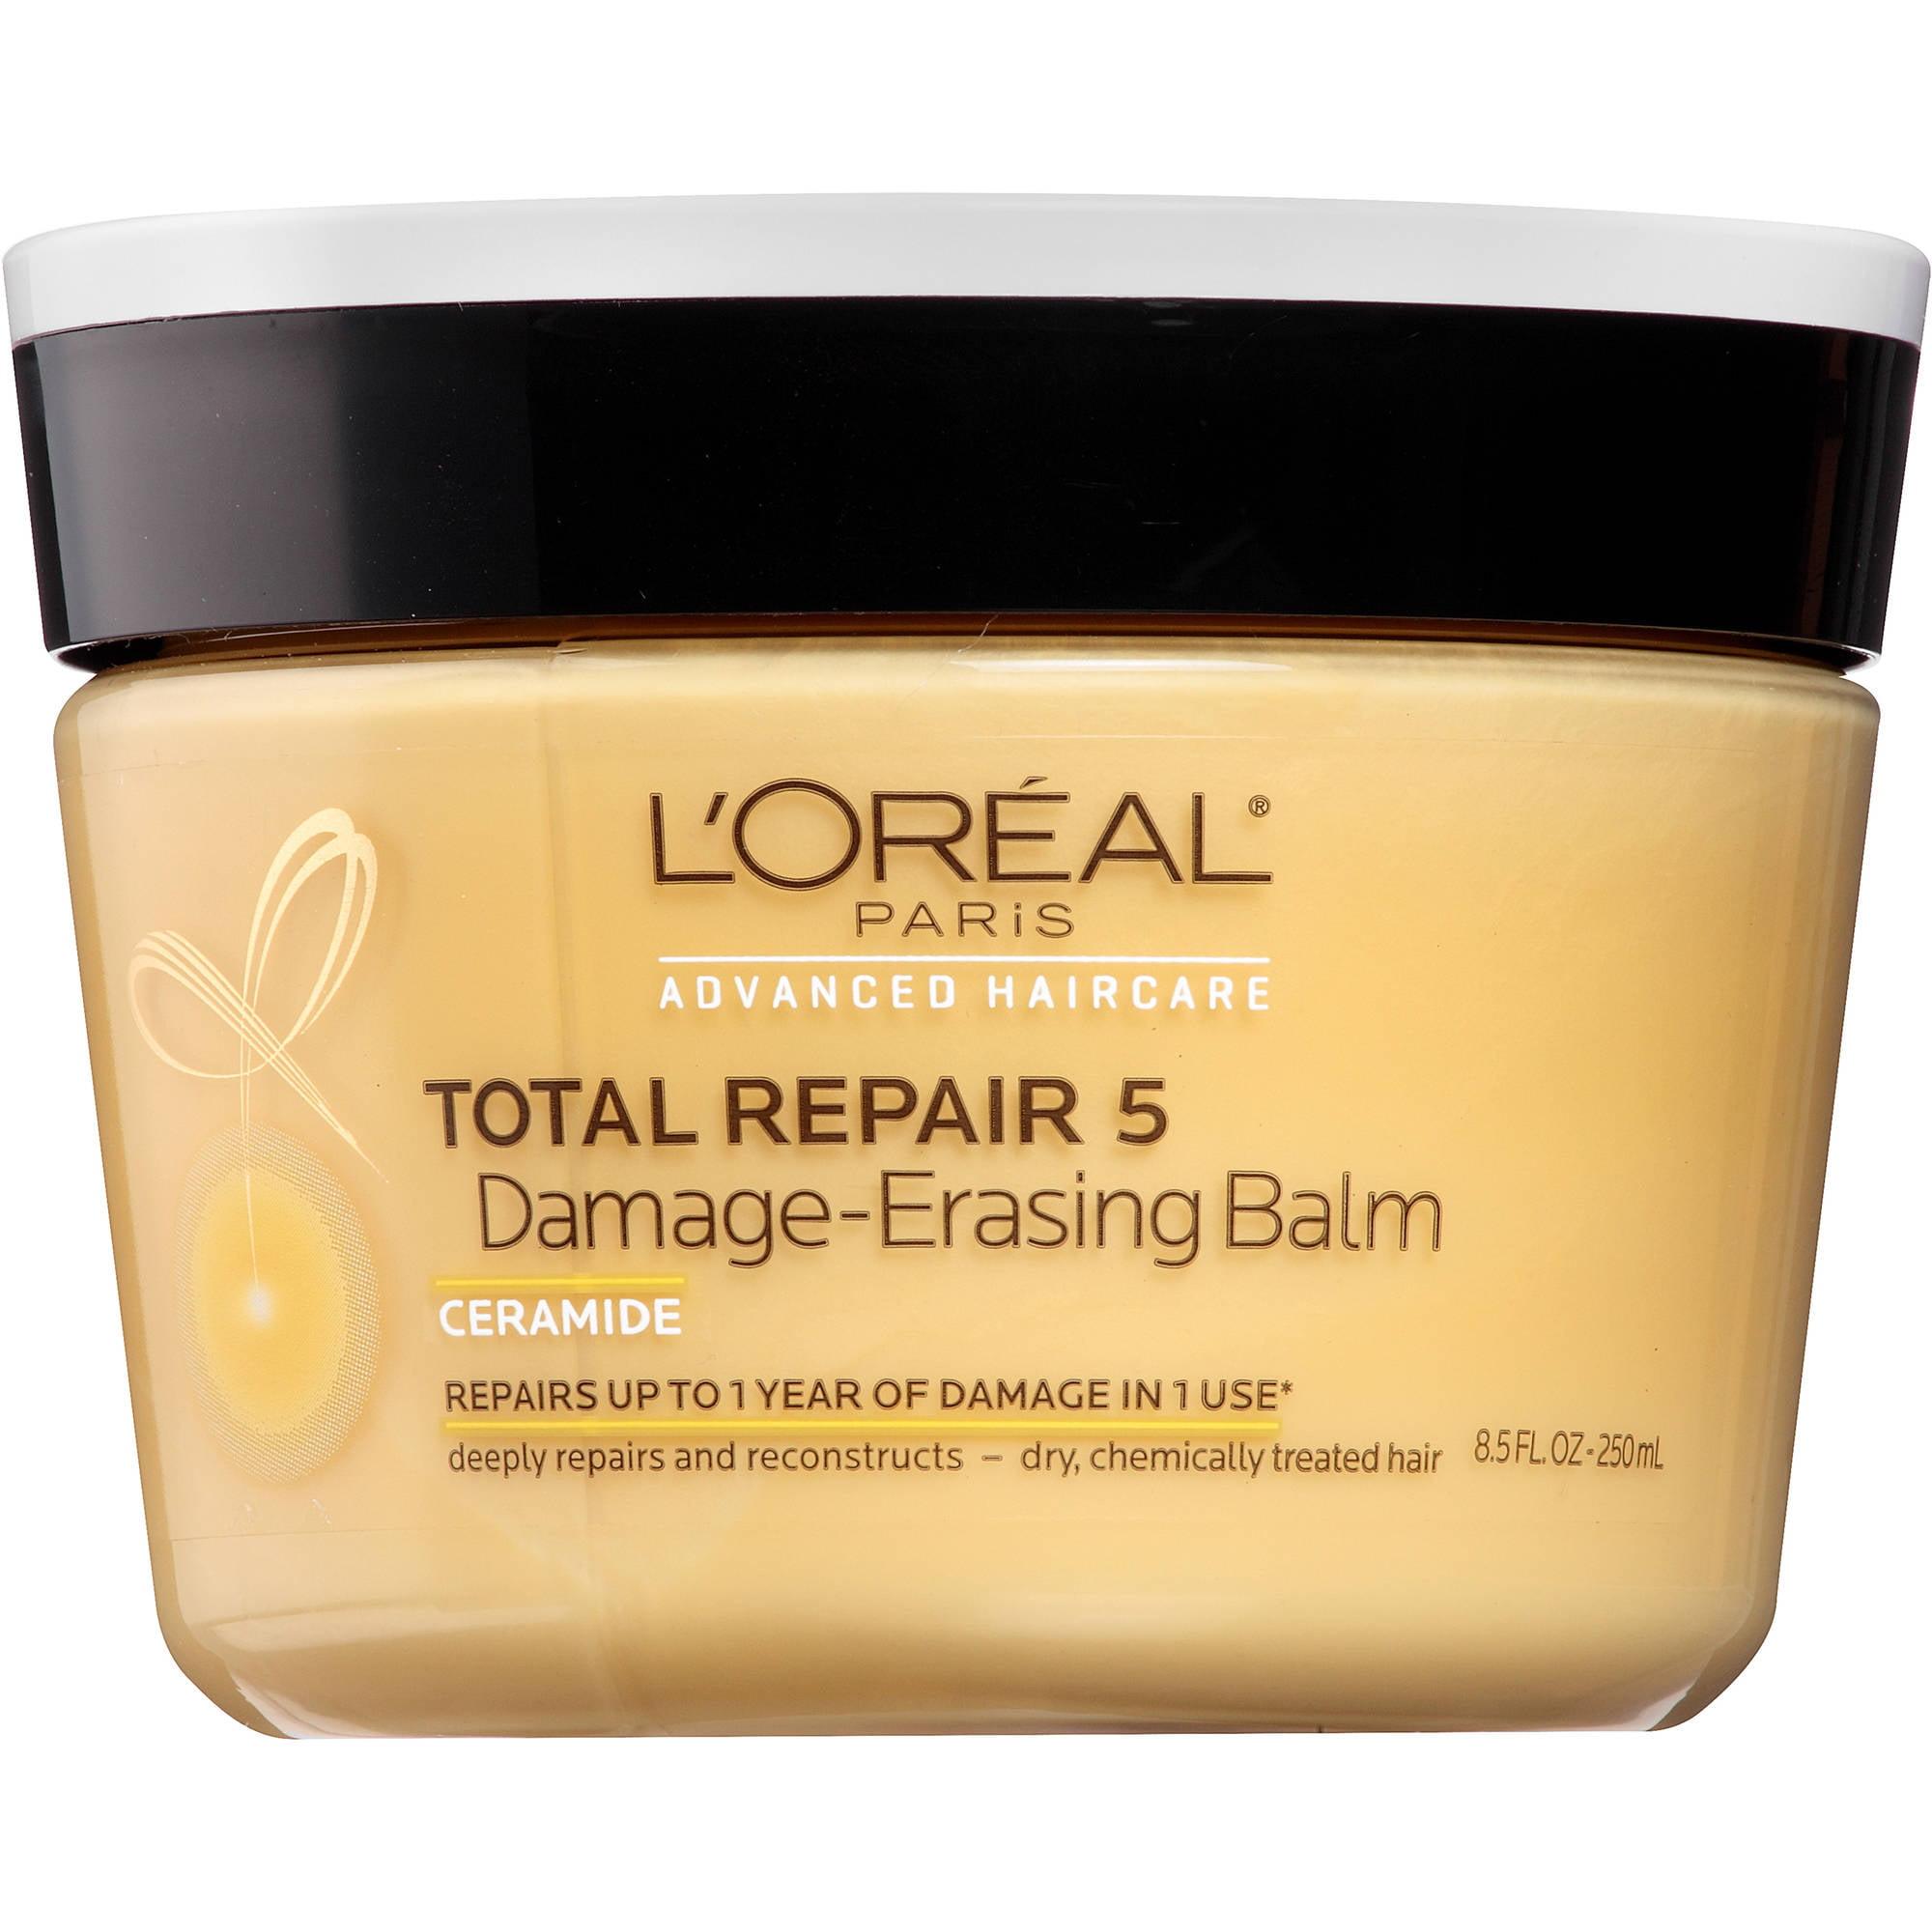 L'Oreal Paris Advanced Haircare Total Repair 5 Damage-Erasing Balm, 8.5 fl oz